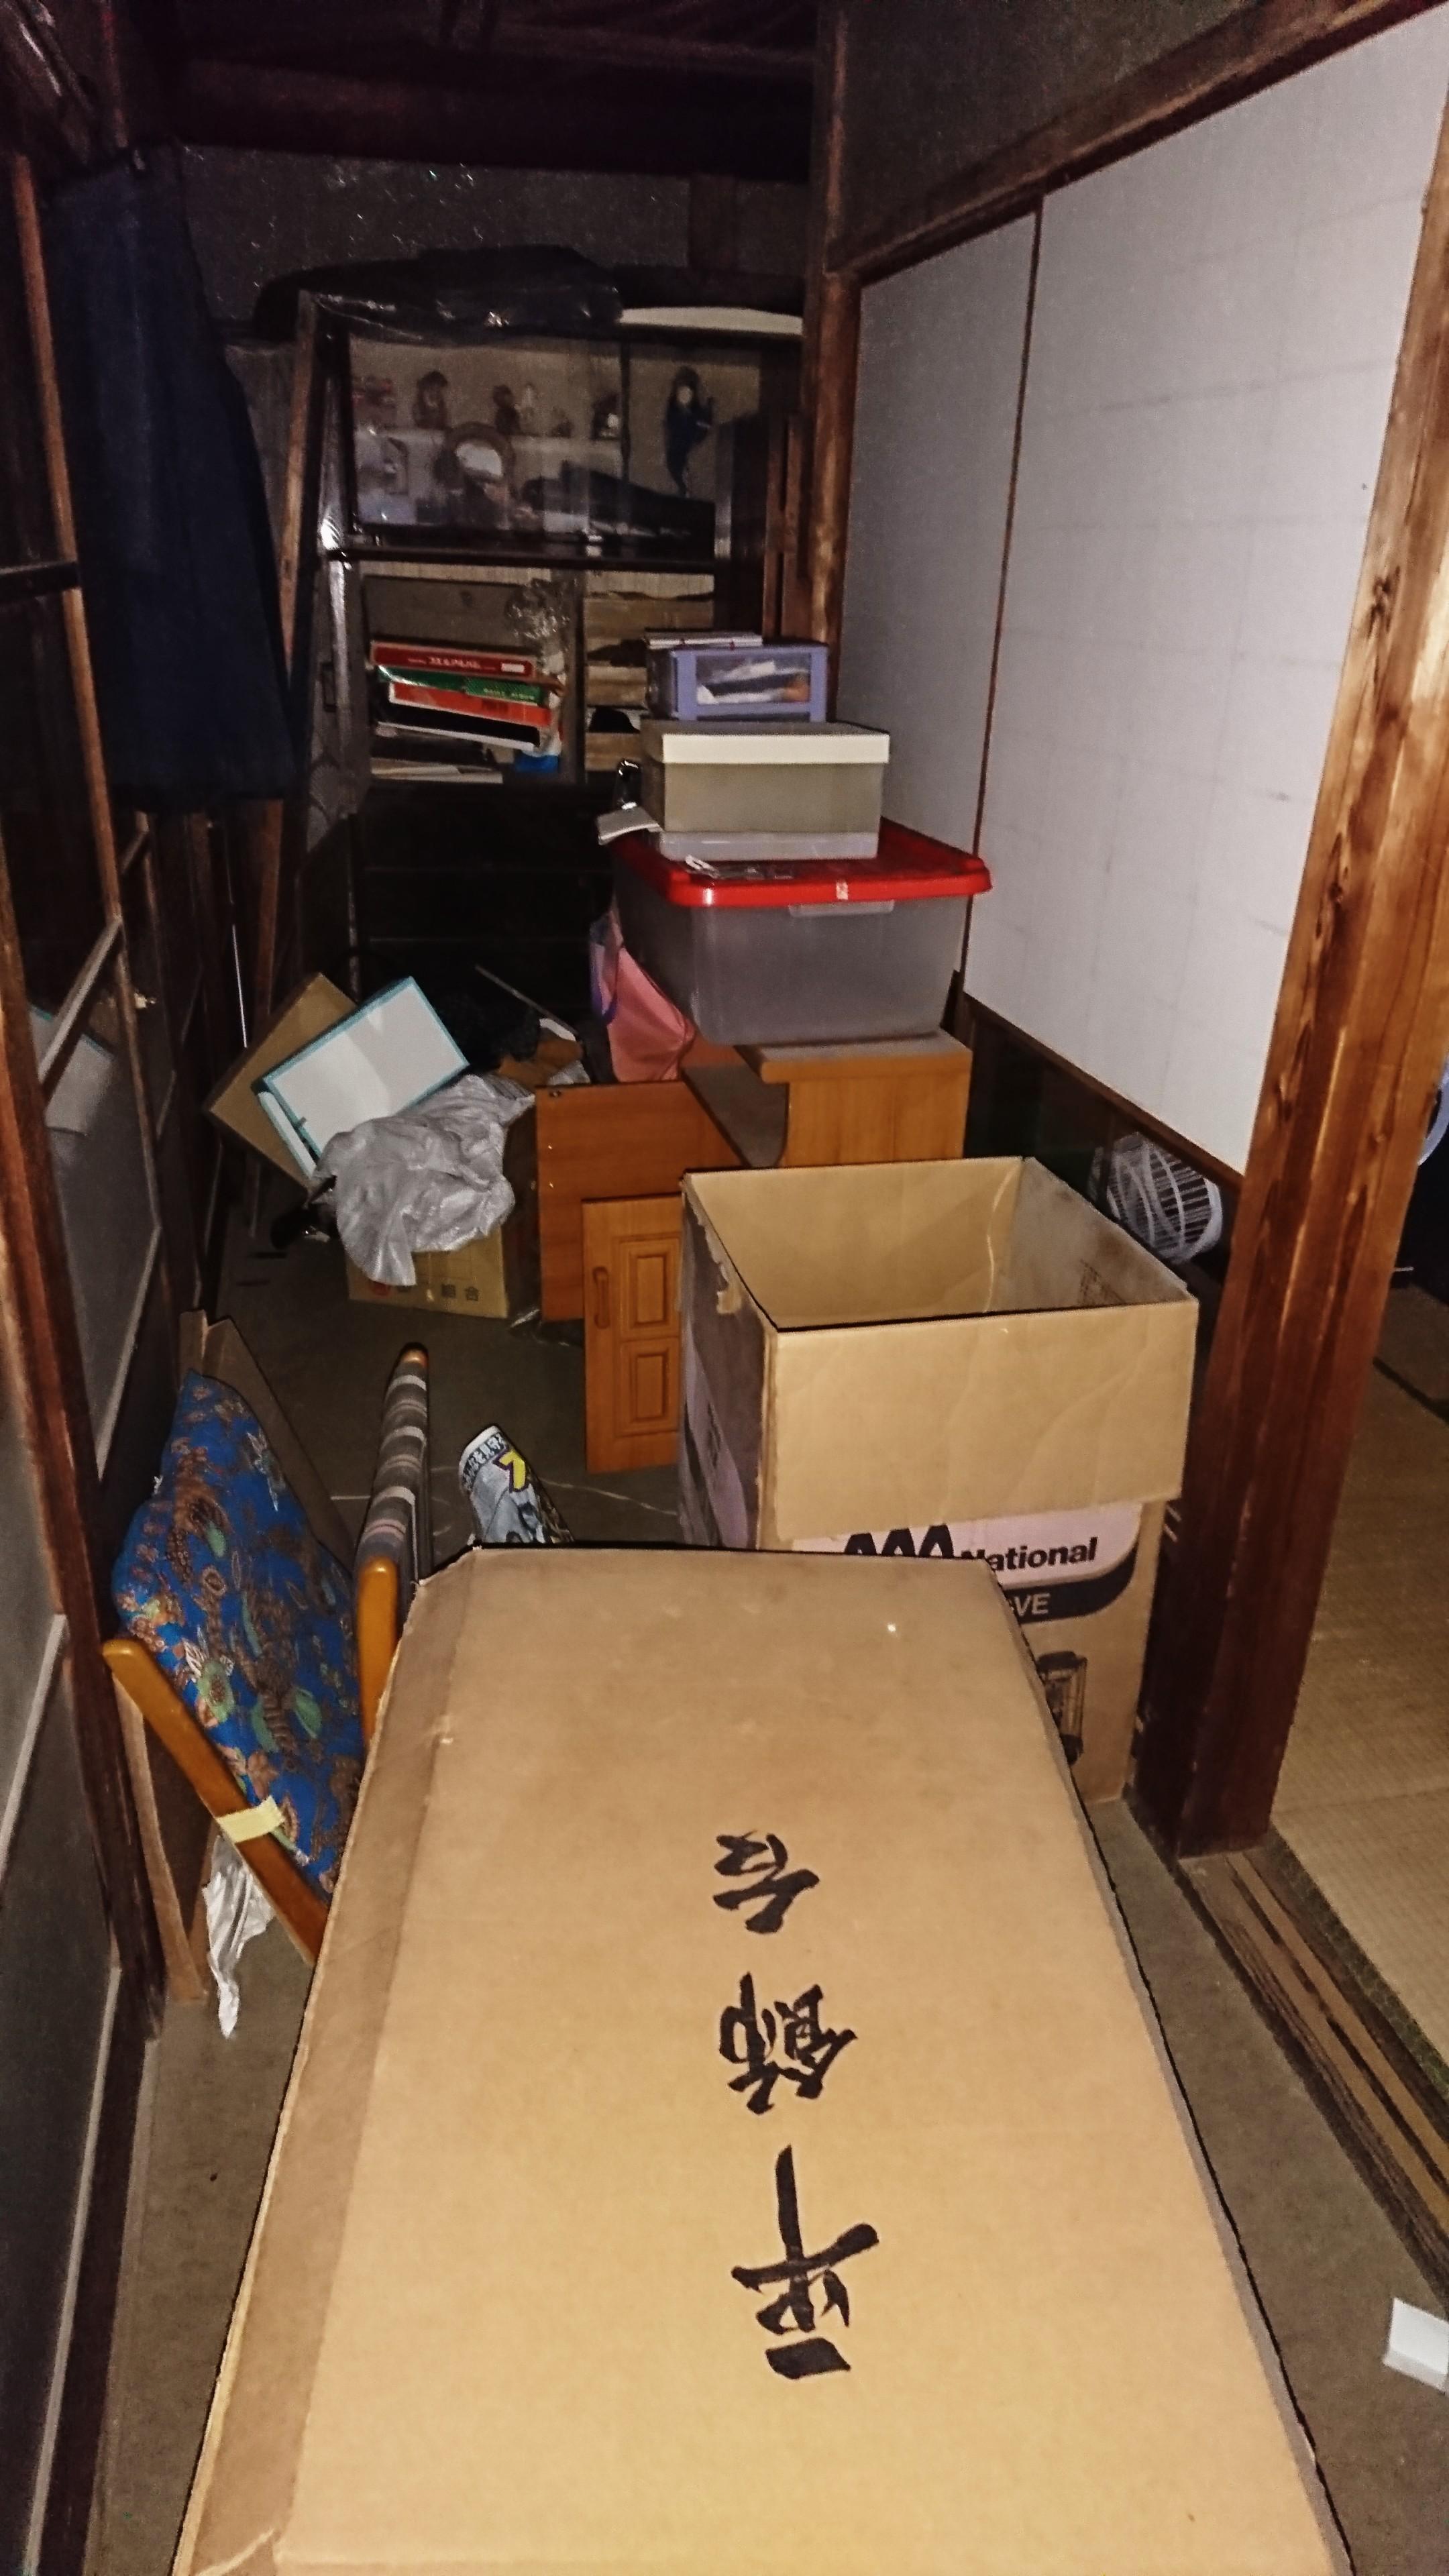 東京都杉並区 店舗型住居 不用品選別 大型業務用冷蔵庫撤去